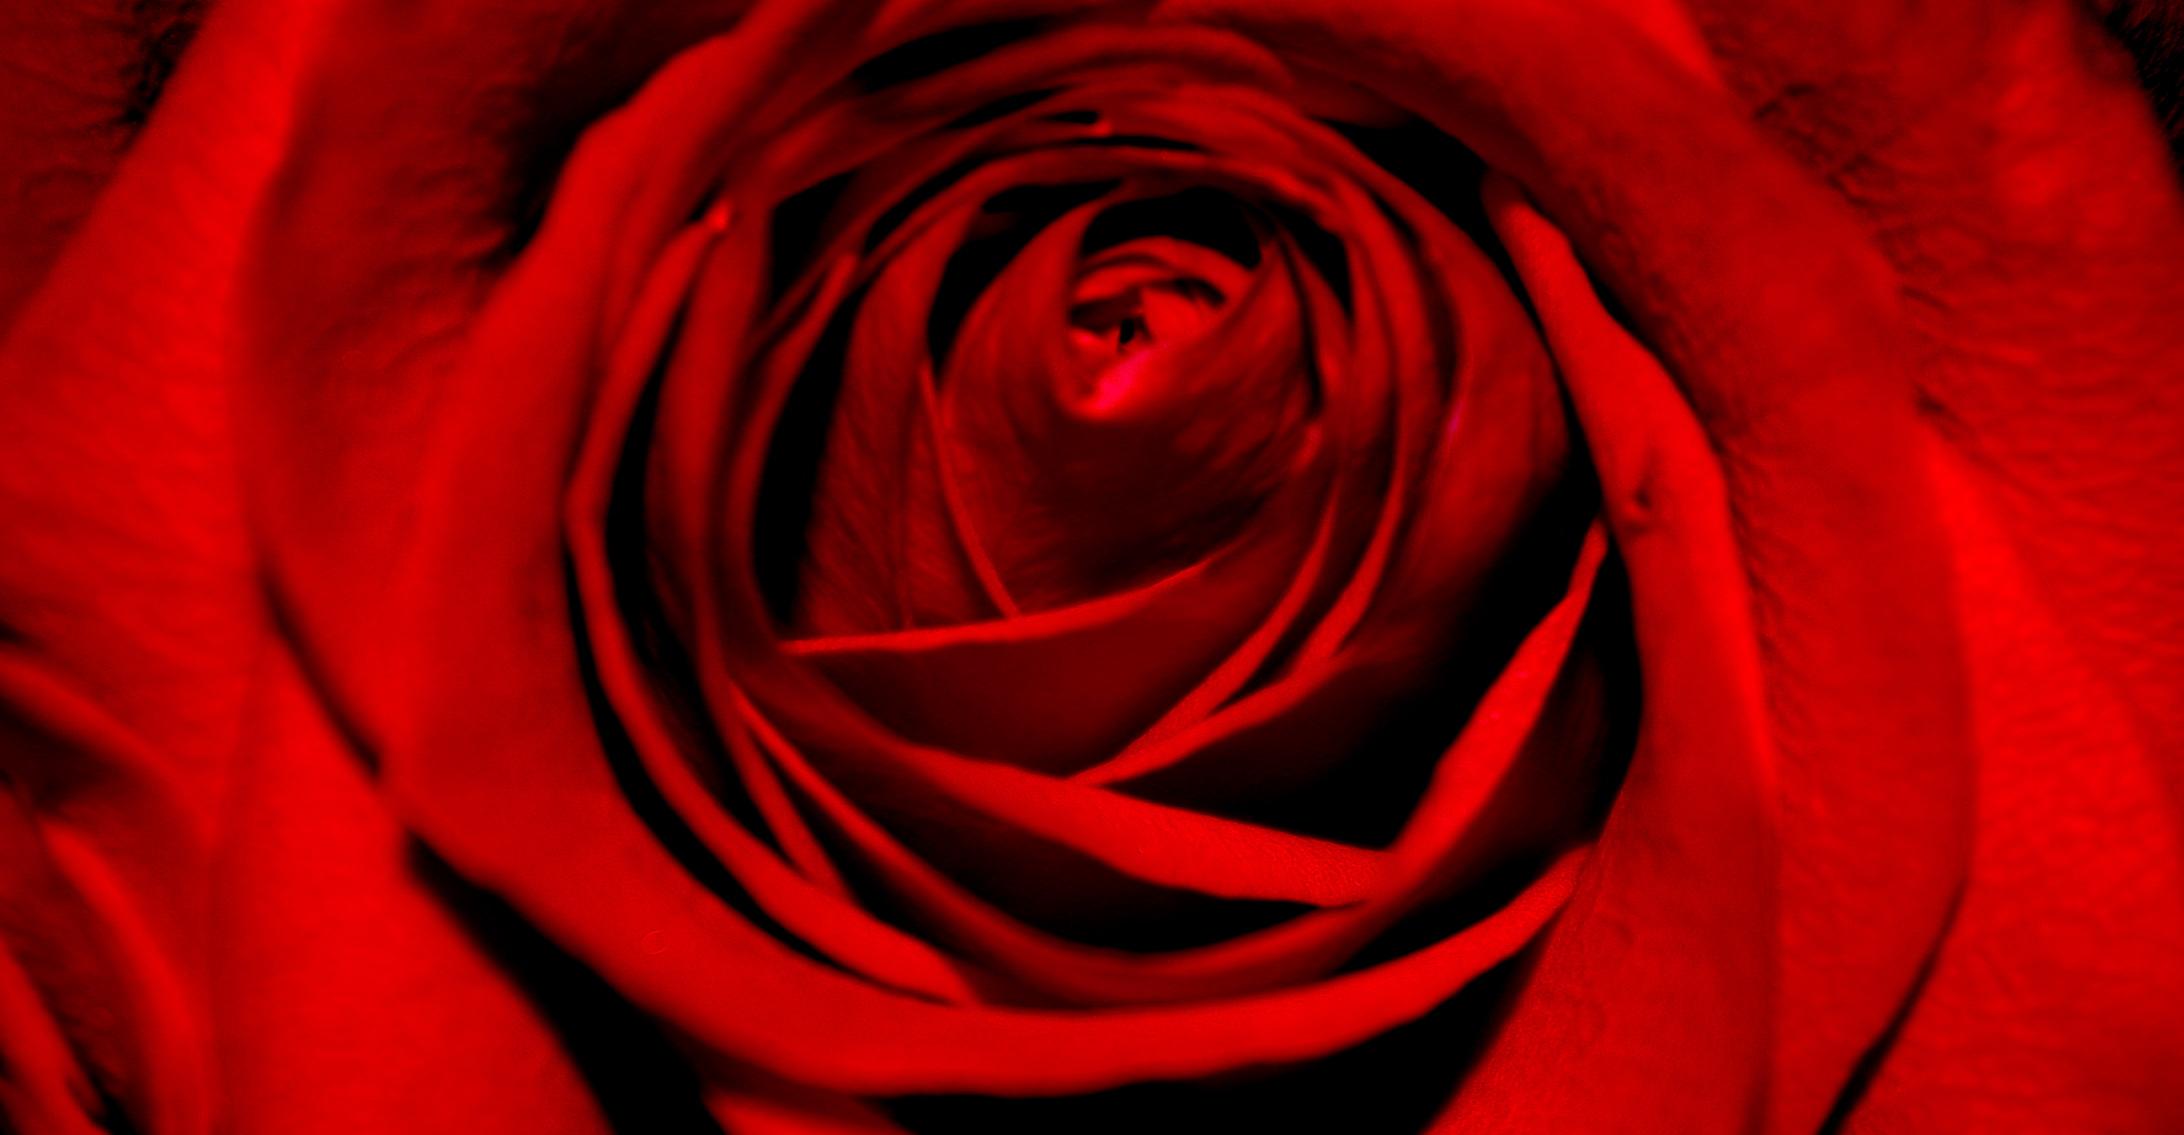 Arranging a romantic bouquet